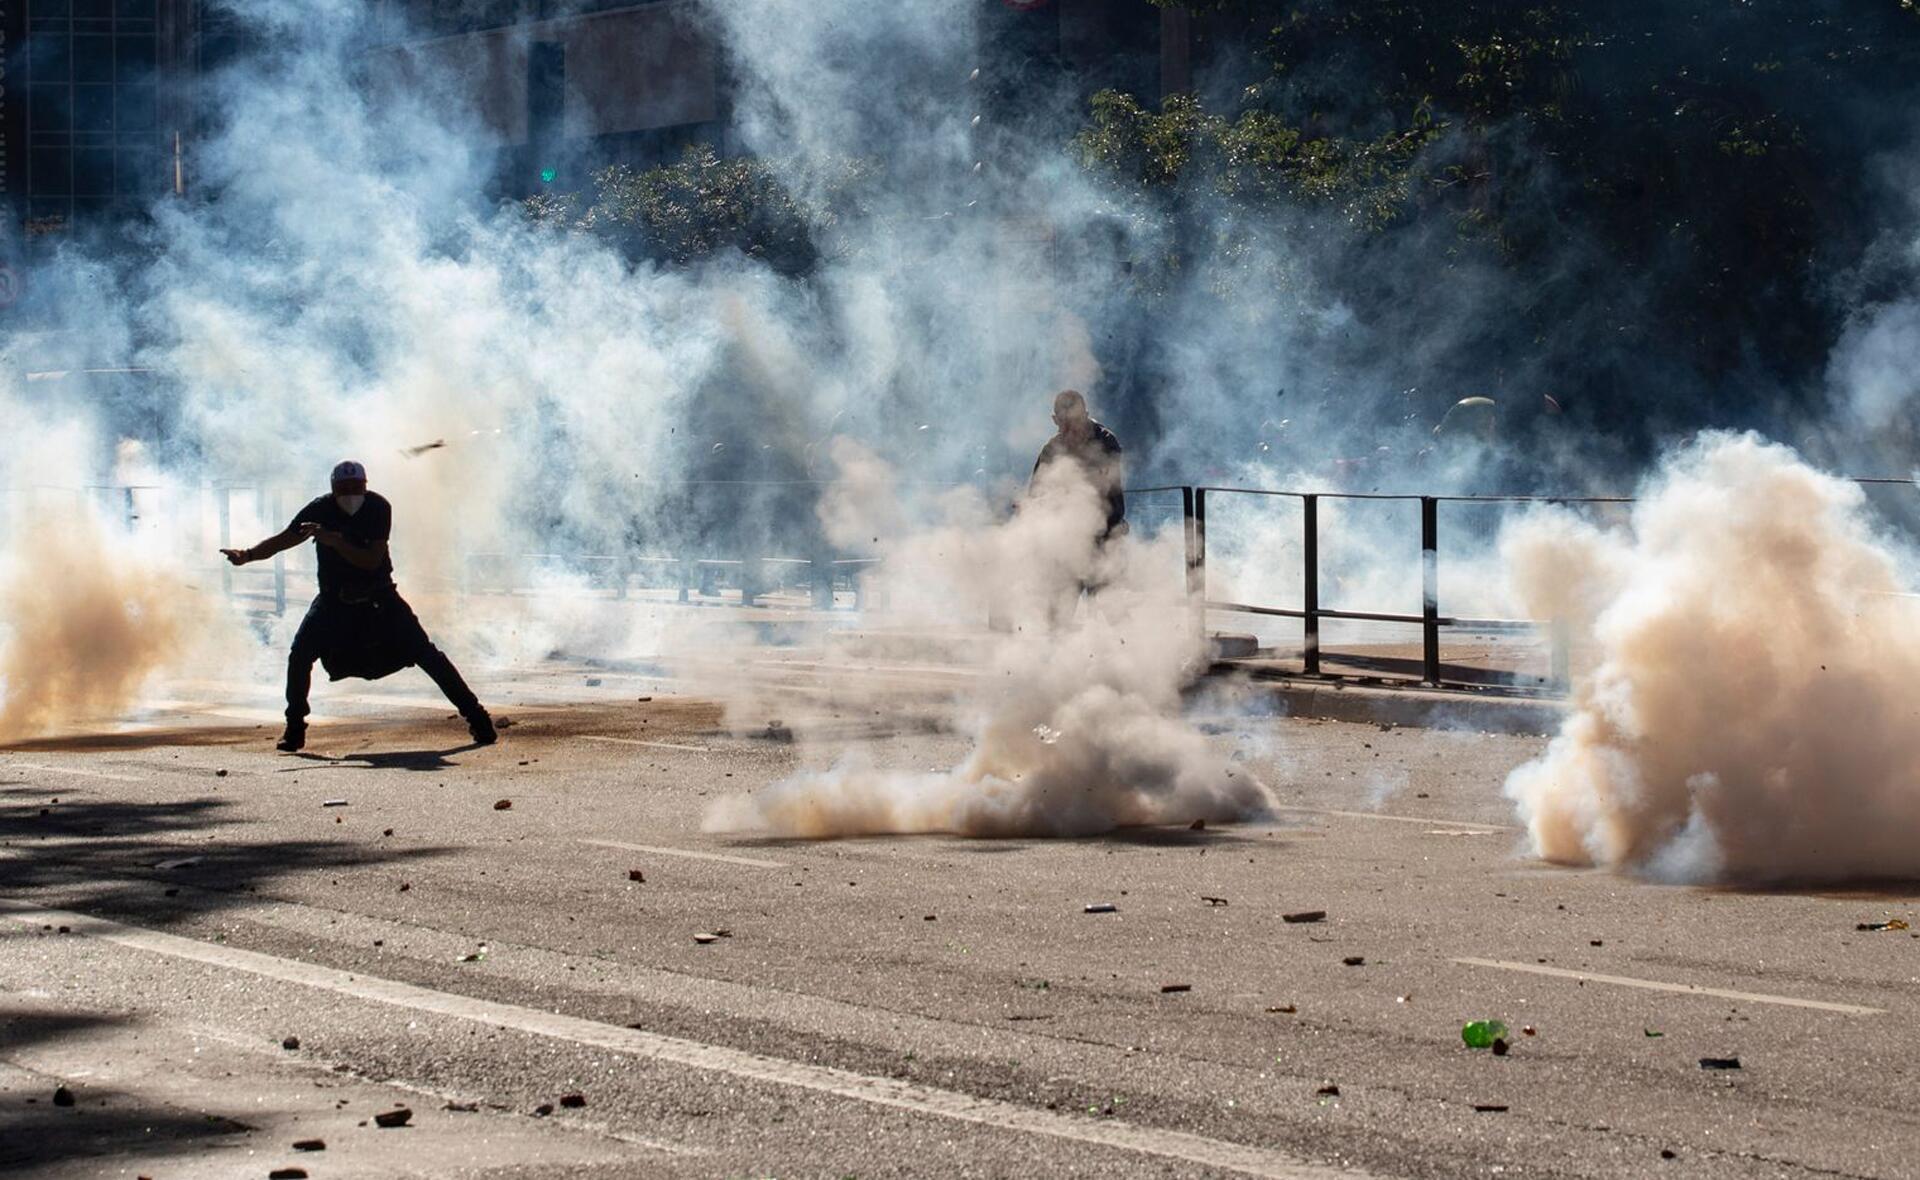 Bild zu Bericht: Wirtschaftliche Folgen der Pandemie bedrohen Frieden